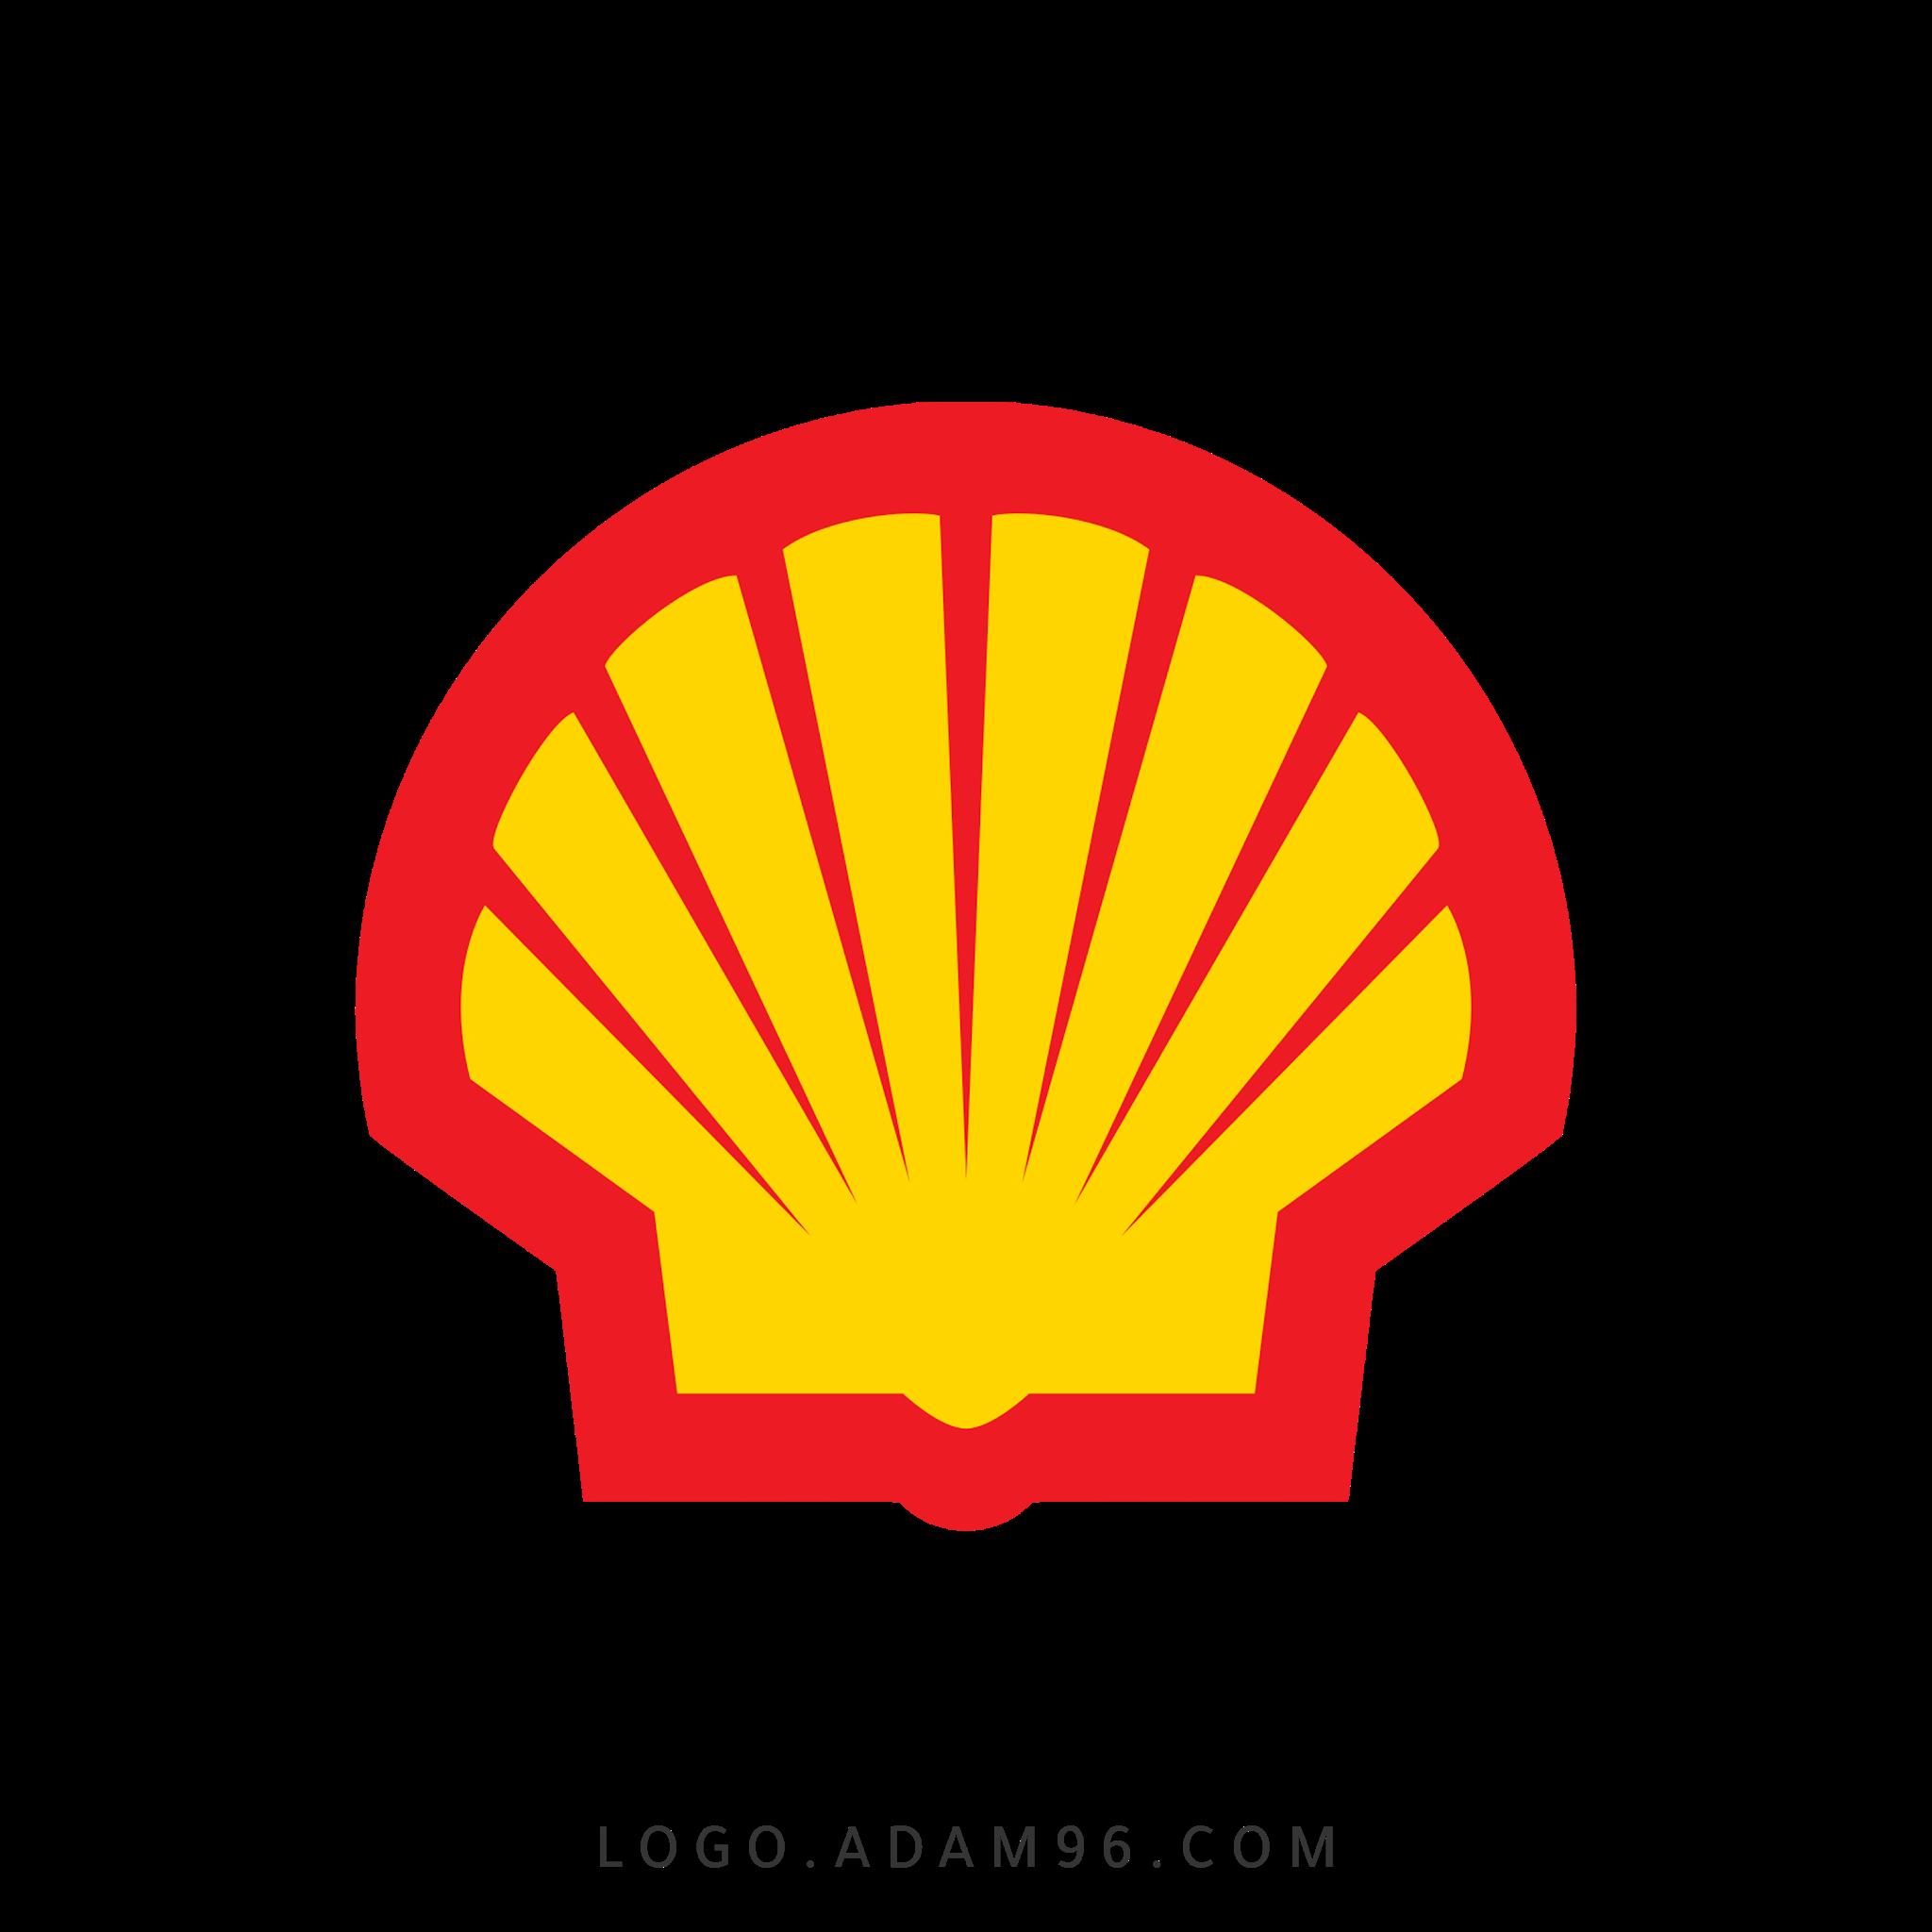 تحميل شعار شركة محروقات شل الرسمي لوجو عالي الجودة بصيغة PNG